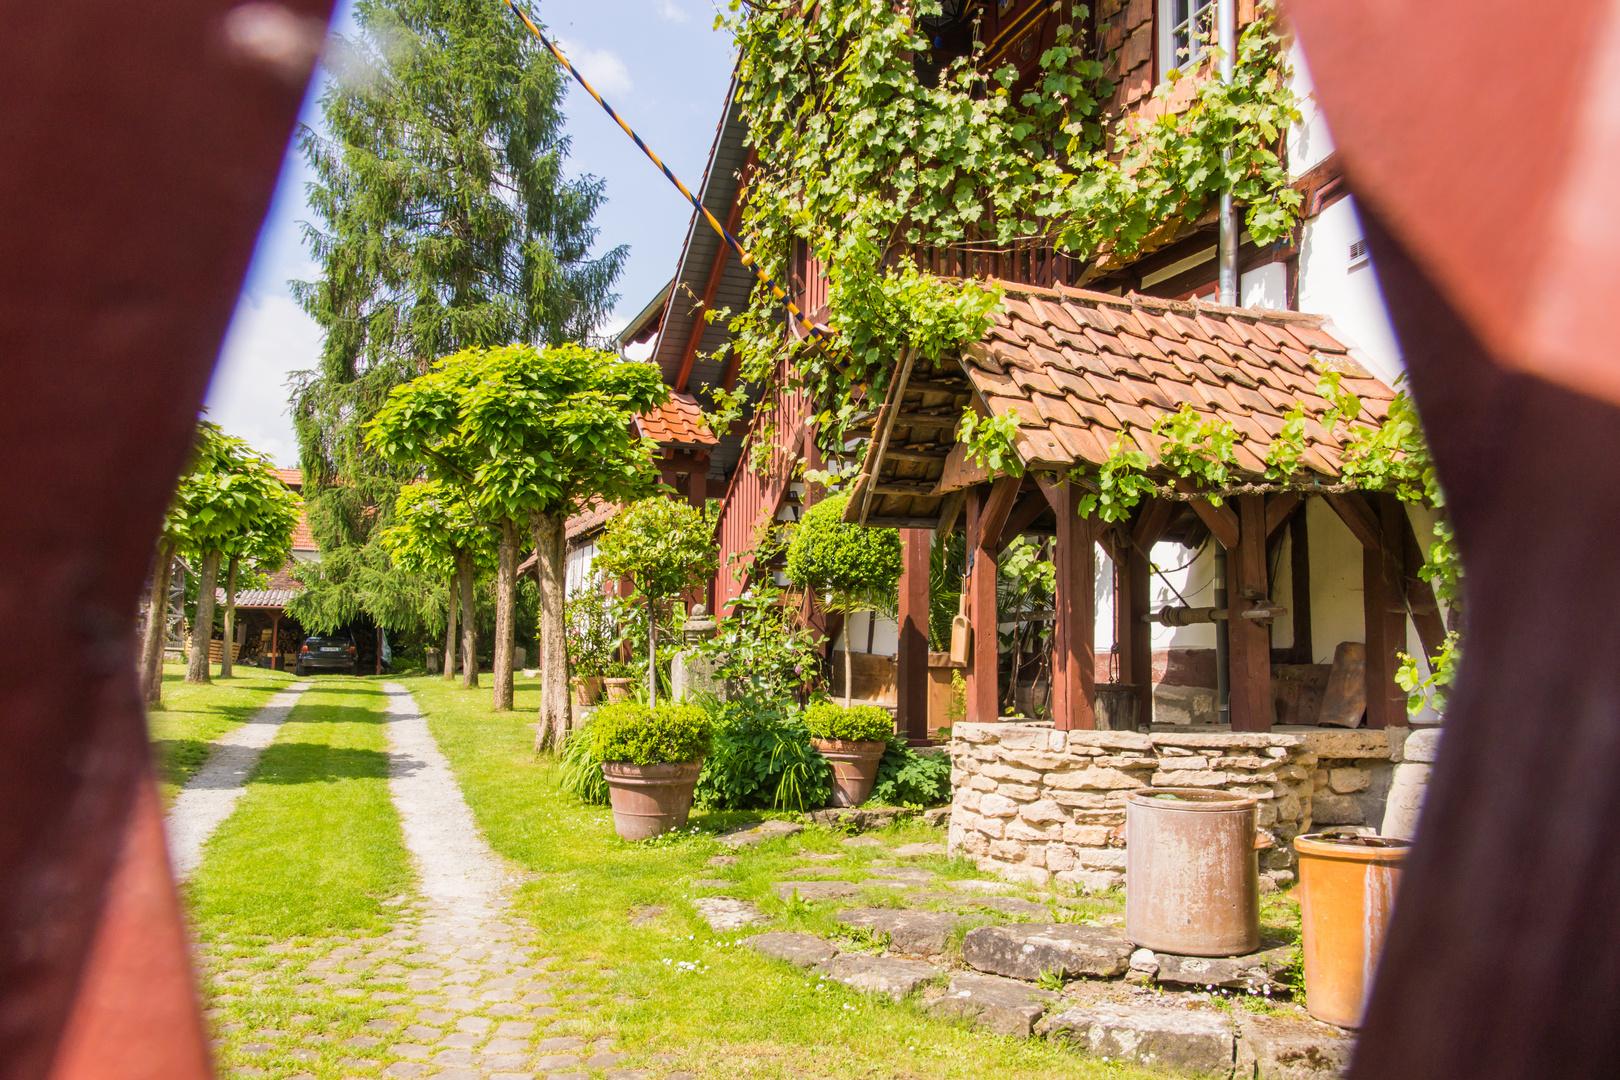 ein Blick durchs Tor - Wanfried/Hessen